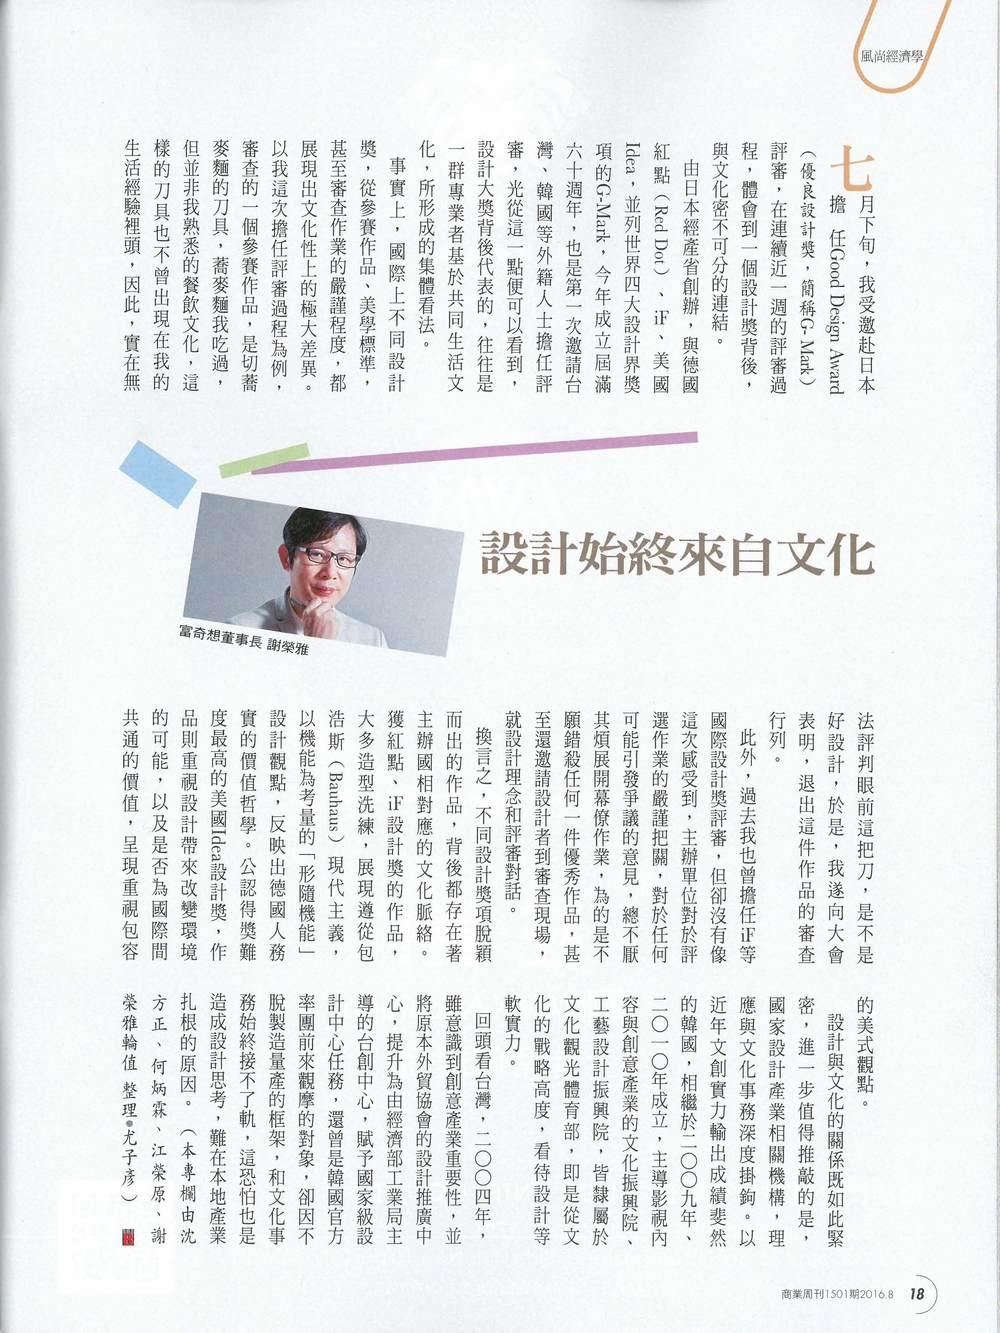 2016年08月22日_設計始終來自文化_商業週刊_頁面_2.jpg